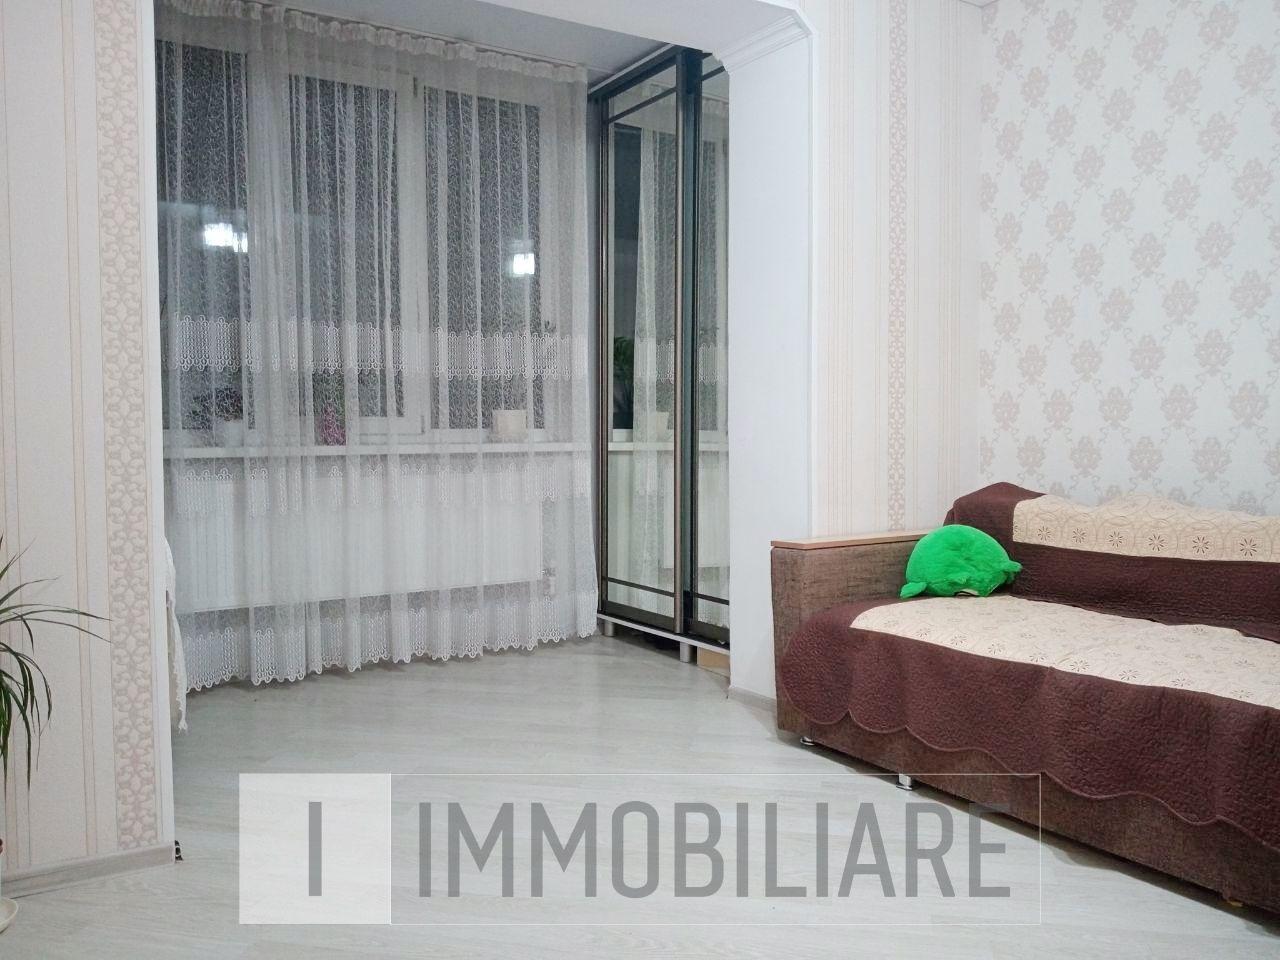 Apartament cu 2 camere+living, sect. Durlești, str. Păcii.